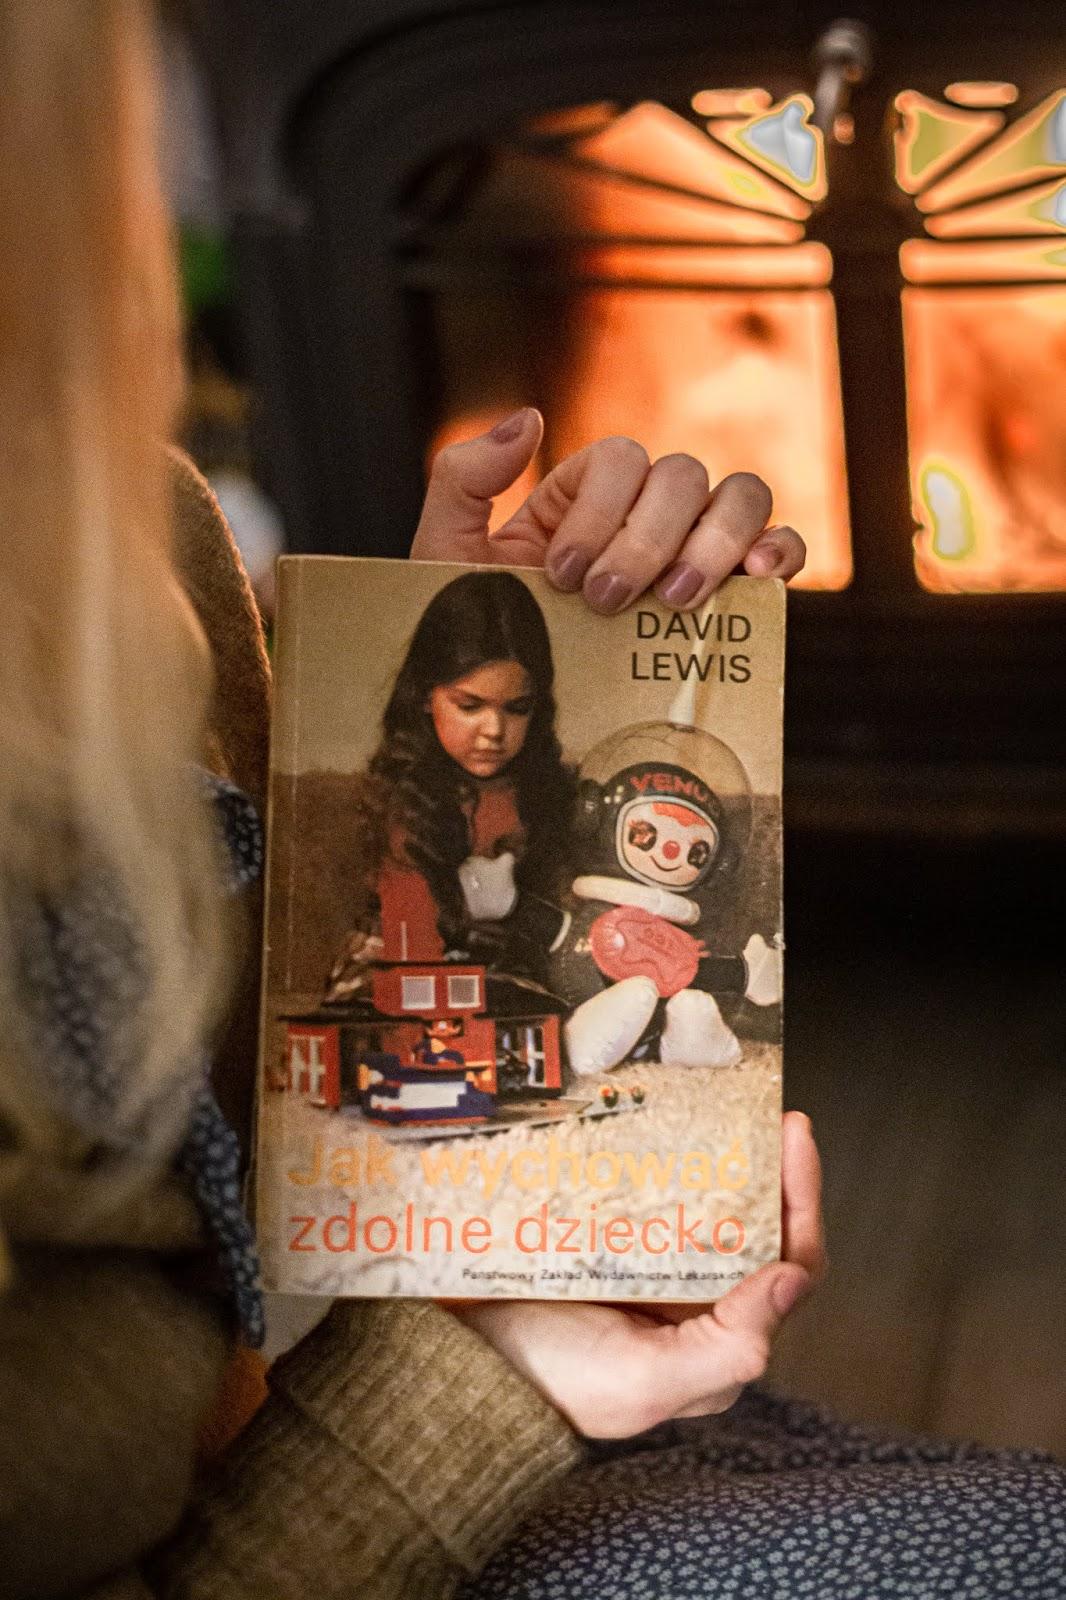 Książka, JAK WYCHOWAĆ ZDOLNE DZIECKO, David Lewis